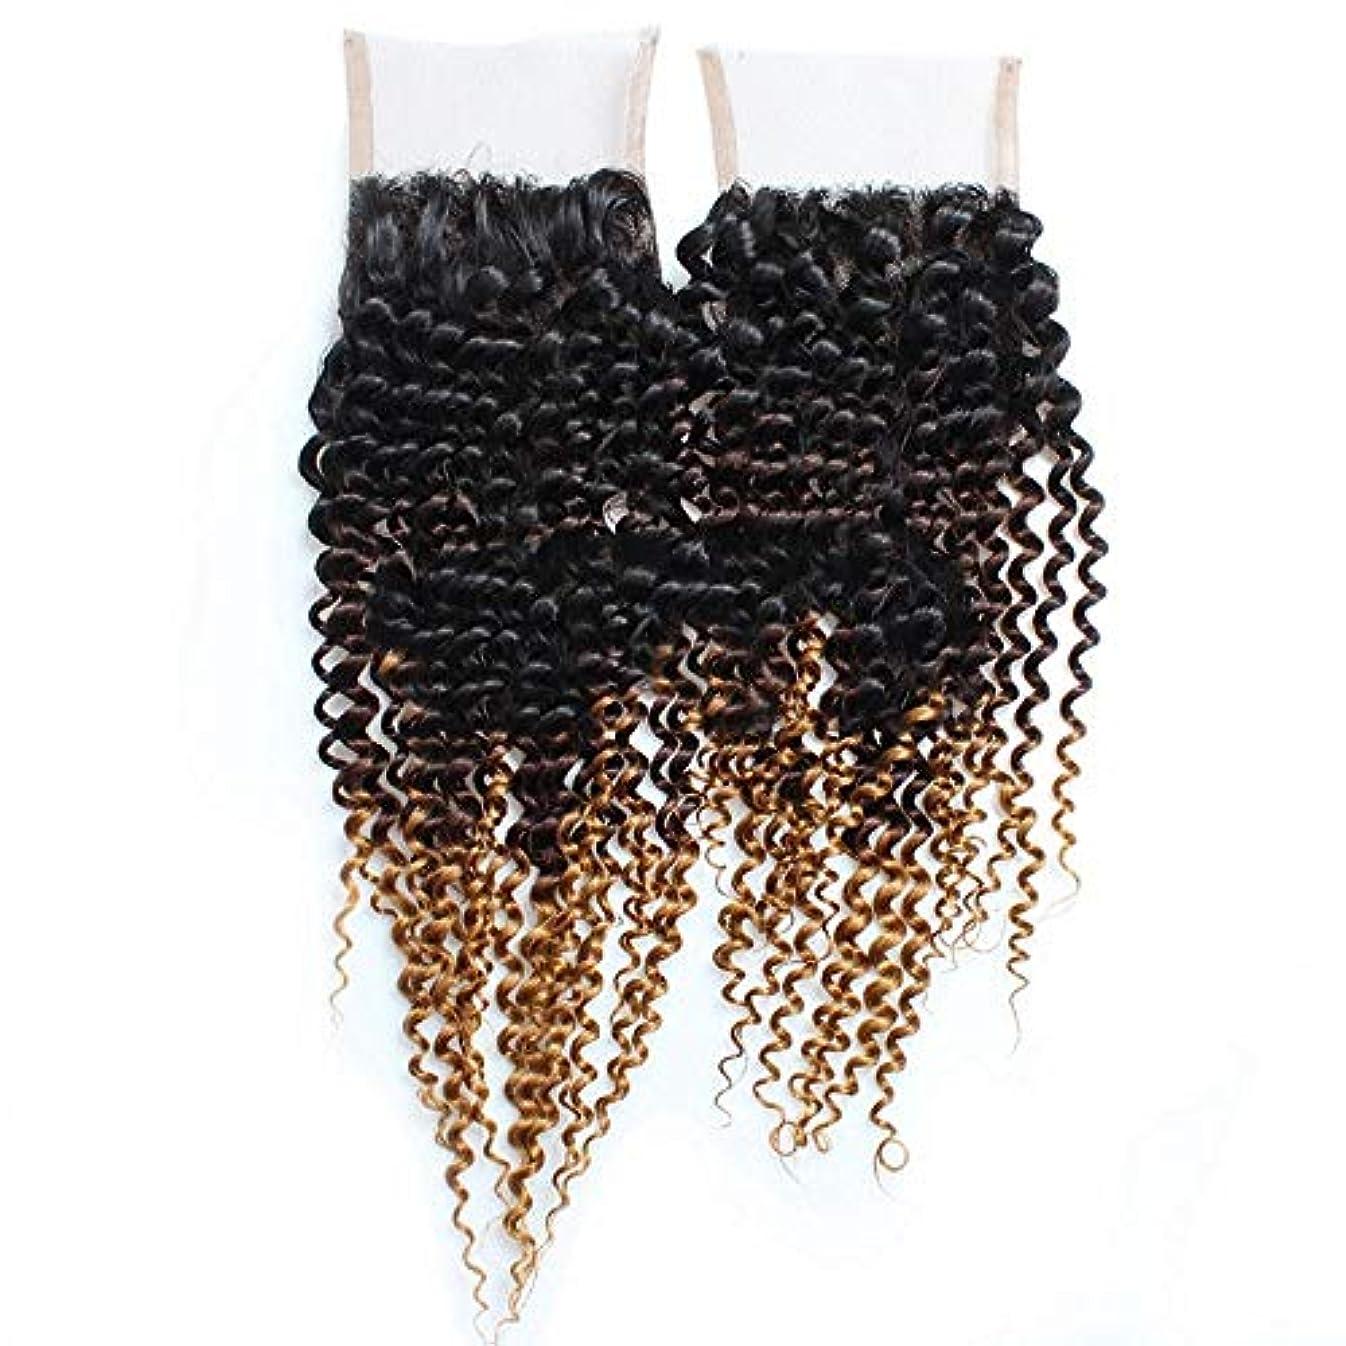 存在する経験的印象派WASAIO ブロンド色の人間の髪本能的ルック3トーンにブラウンの4倍の4レース正面閉鎖ブラック (色 : ブラウン, サイズ : 14 inch)